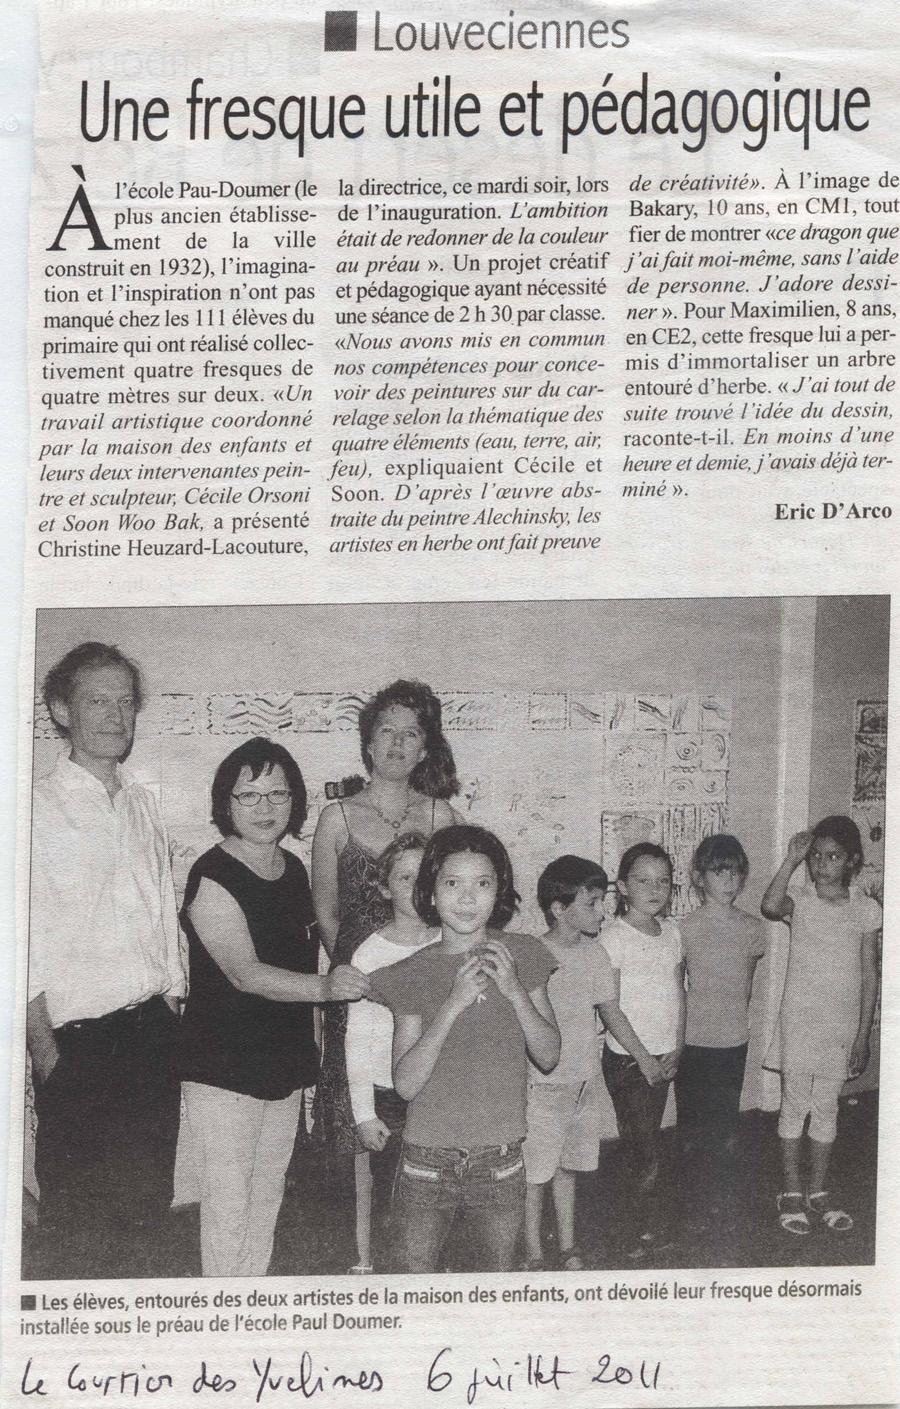 Intervention artistique ecole primaire, fresque en ceramique avec Cécile Orsoni